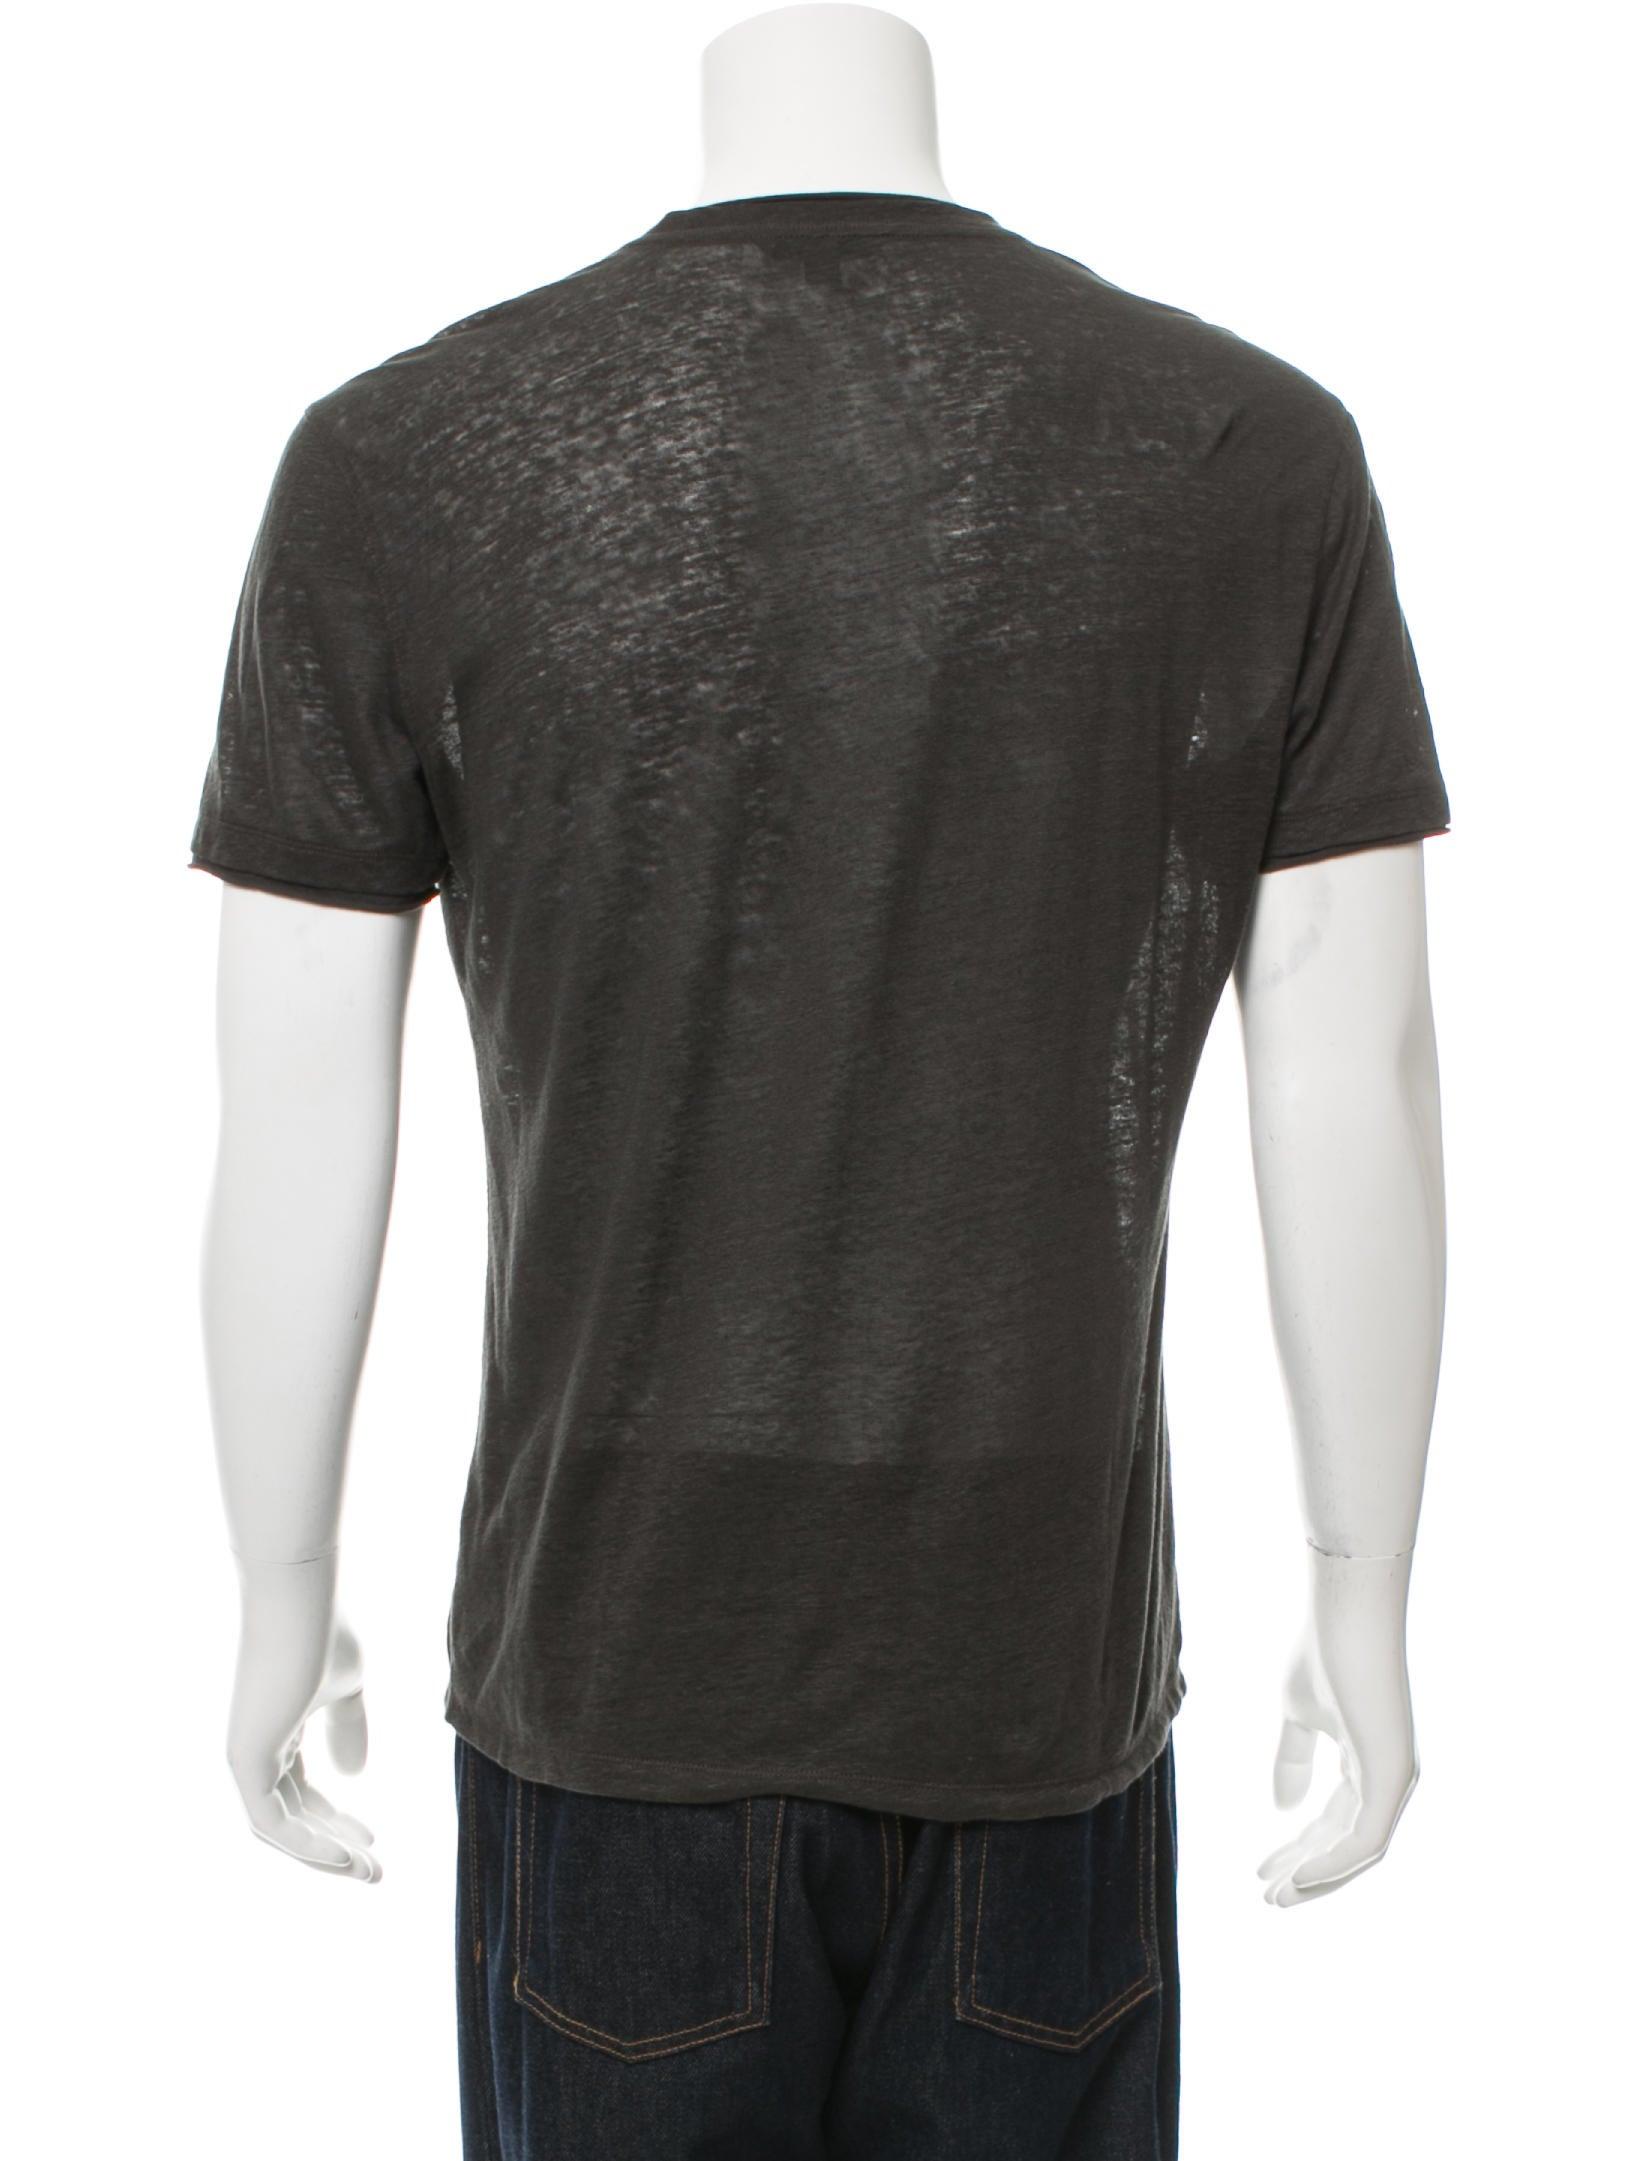 John varvatos short sleeve linen t shirt clothing for Short sleeve linen shirt